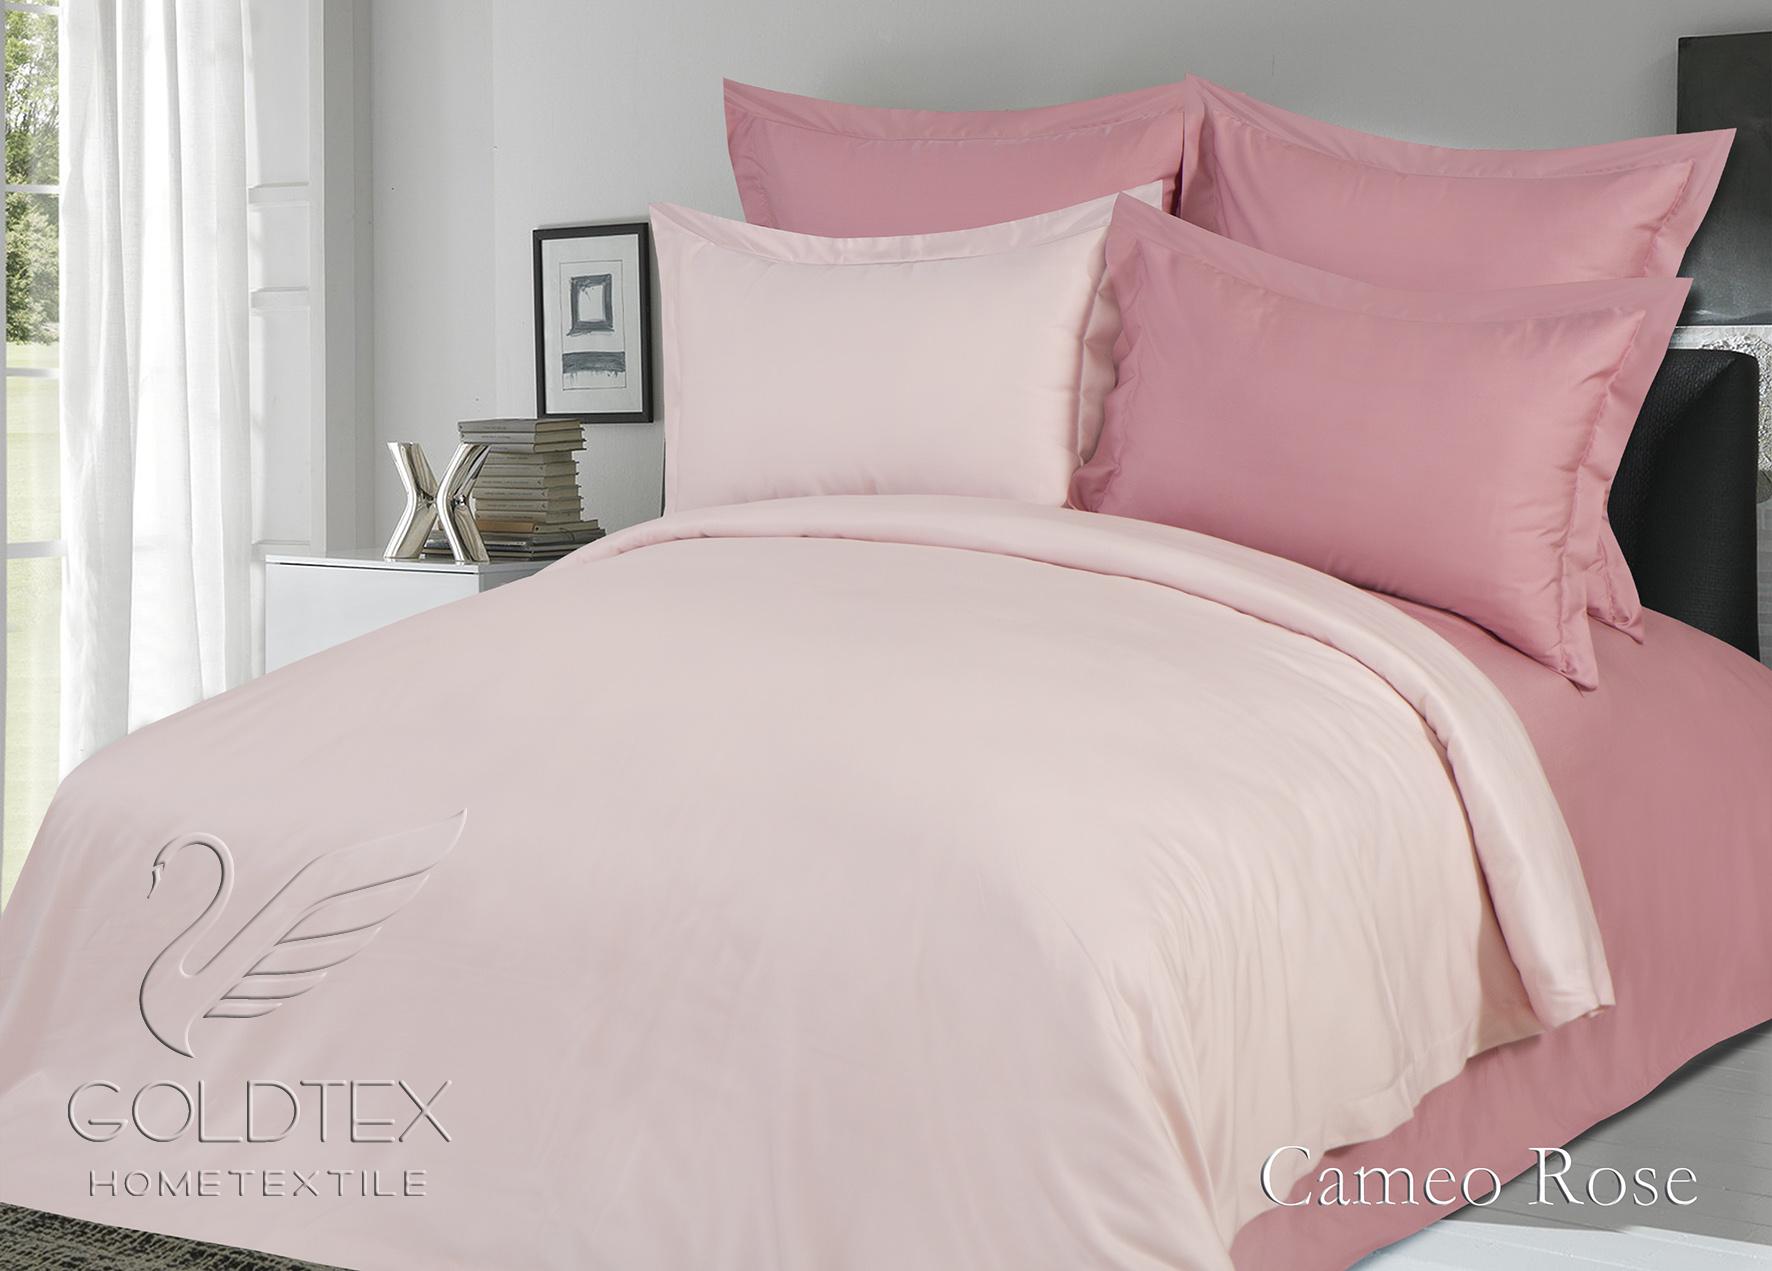 Комплект  Cameo Rose , размер 2,0-спальный с 4 наволочками - Постельное белье артикул: 10852